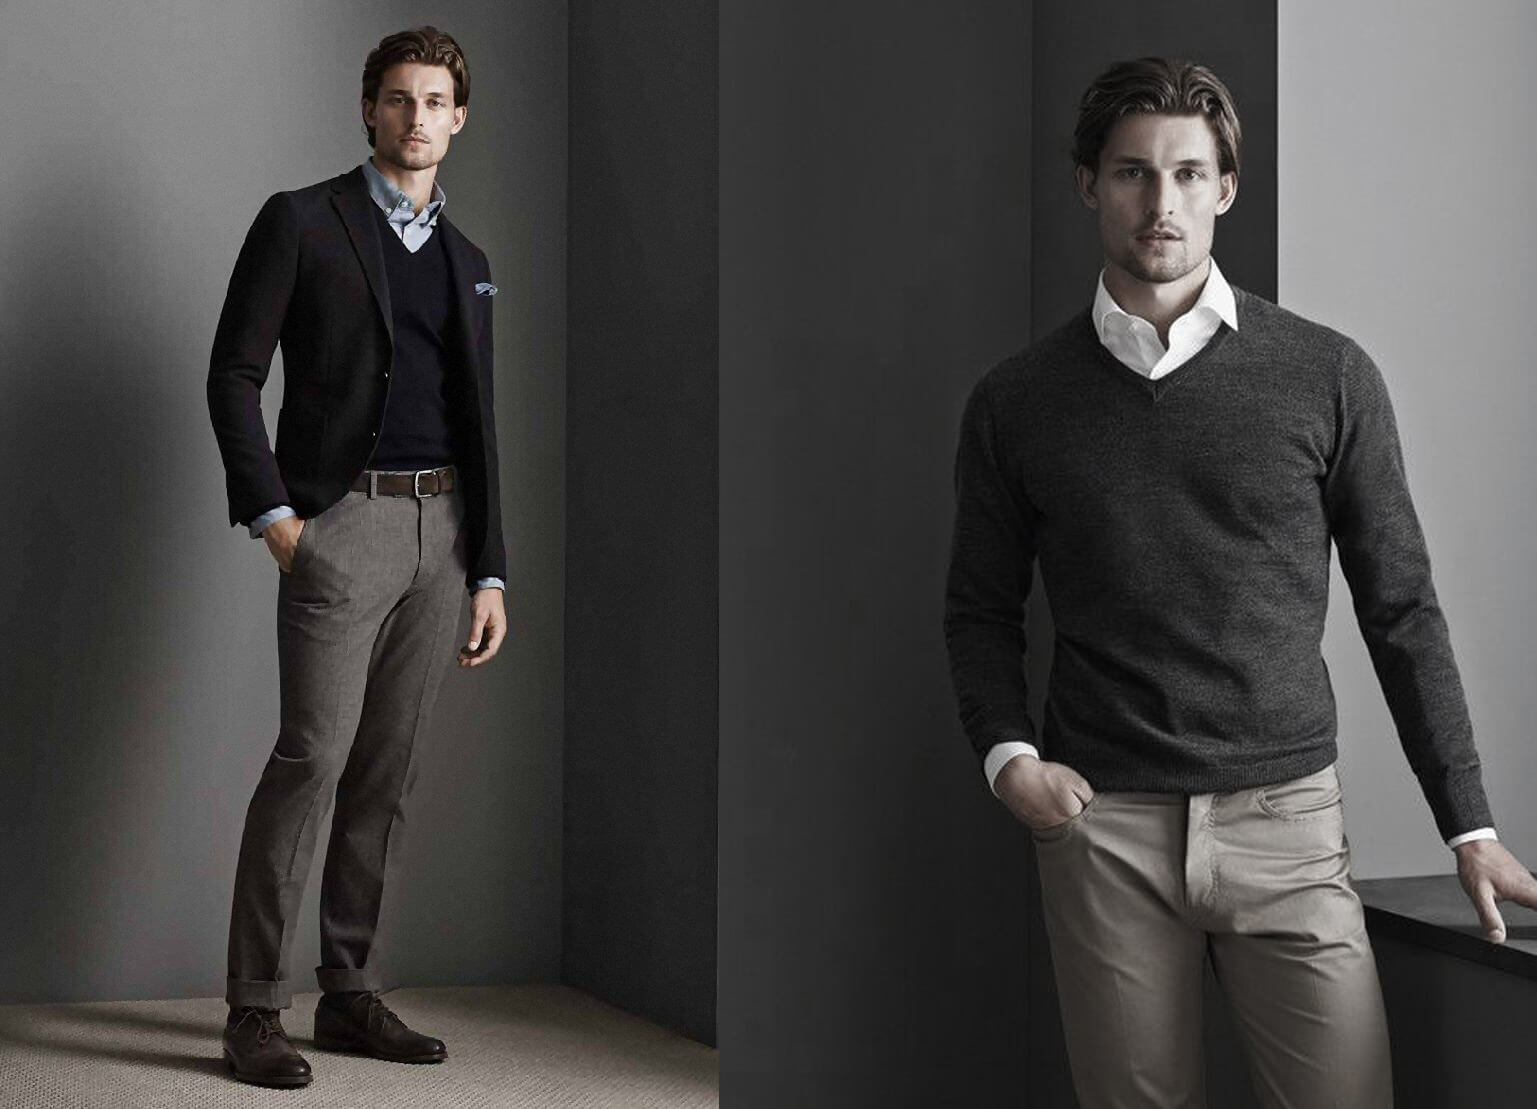 Áo Sweater, Sơ mi, Cà vạt và Áo Sweater, Sơ mi, Cà vạt và quần tâyquần tây